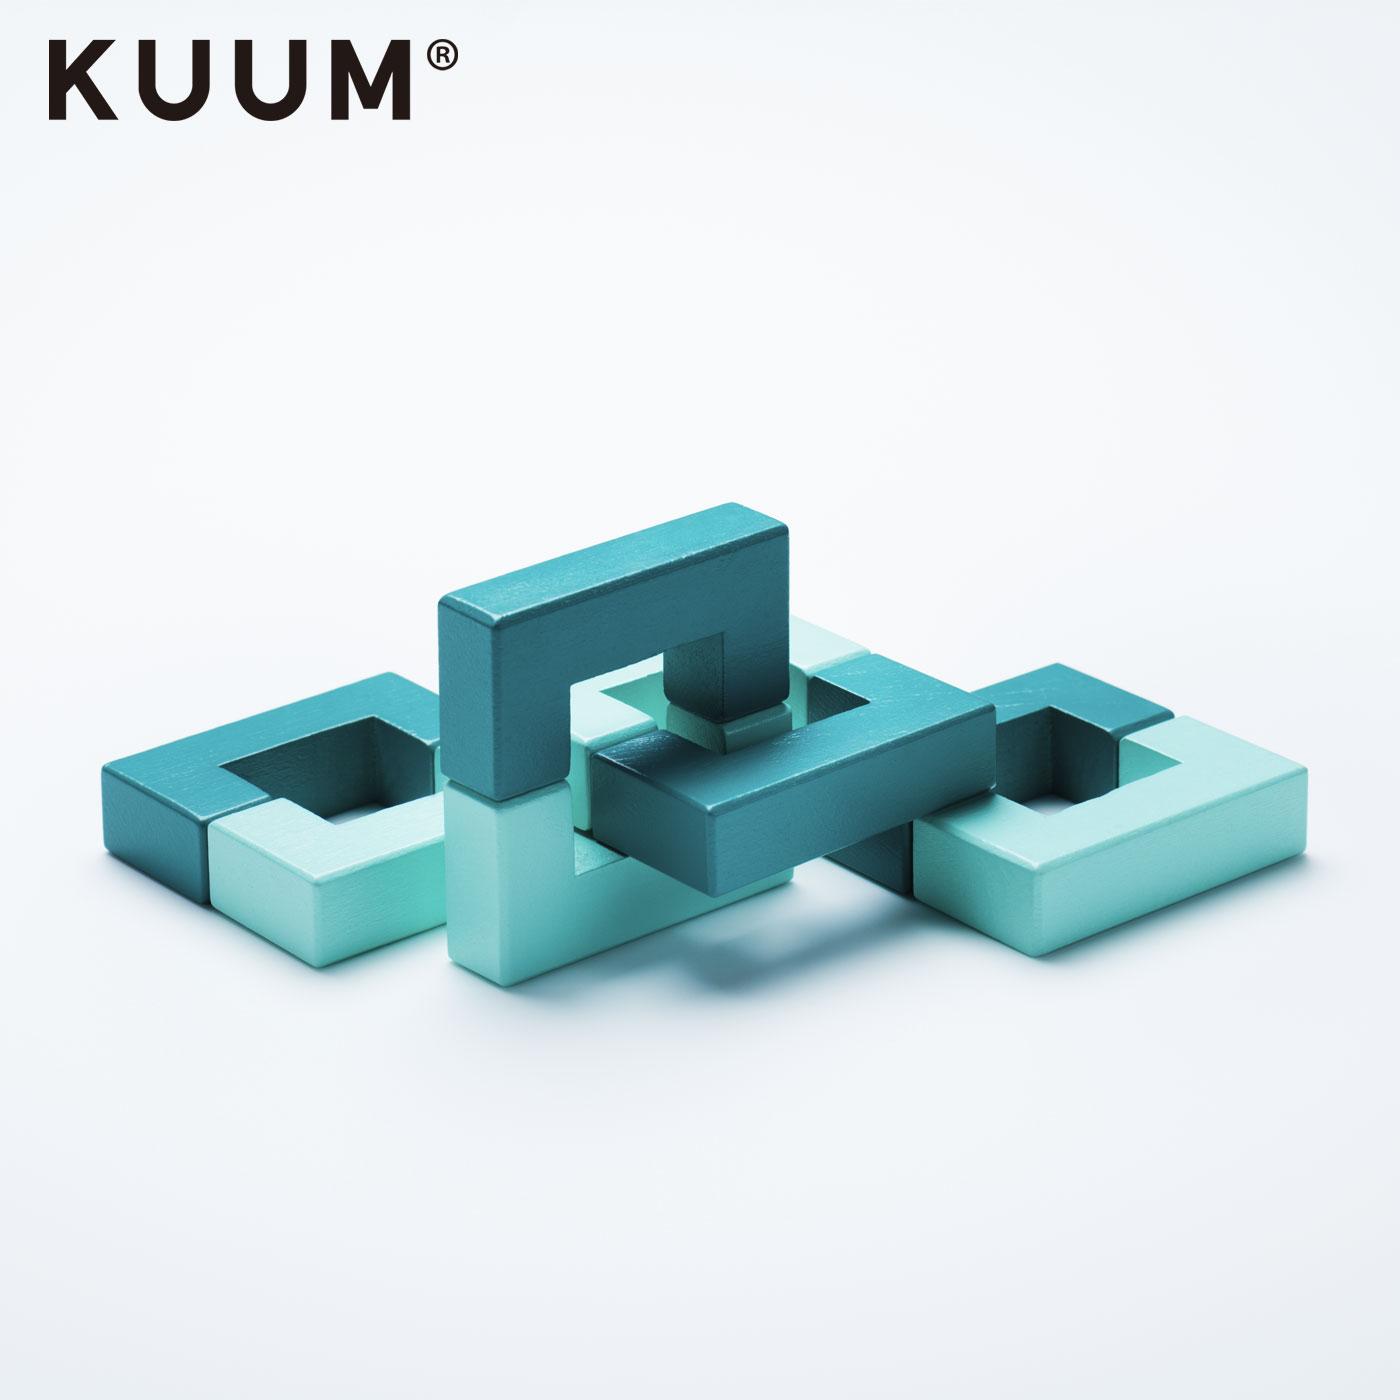 ちょっと置くだけでもアートになる、『KUUM』はアートピースでもあります。